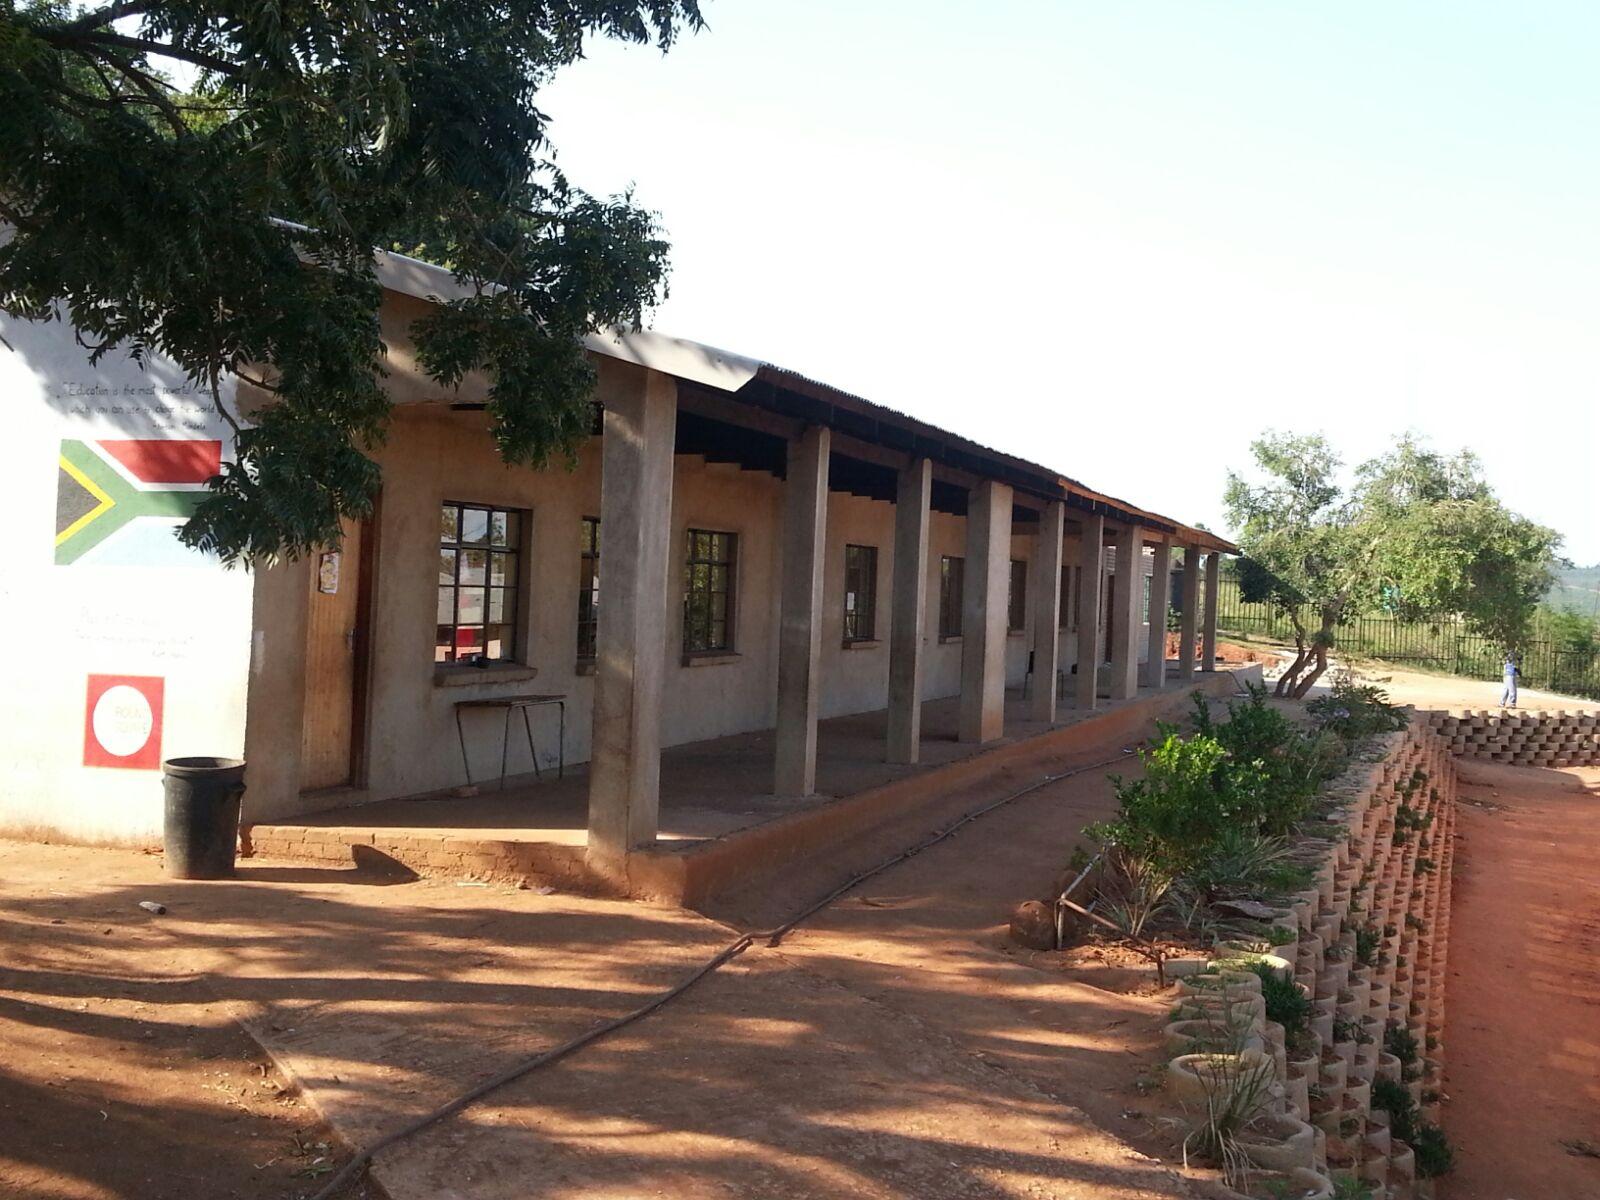 das neue Schulgebäude mit den vier Zimmern und der Bibliothek